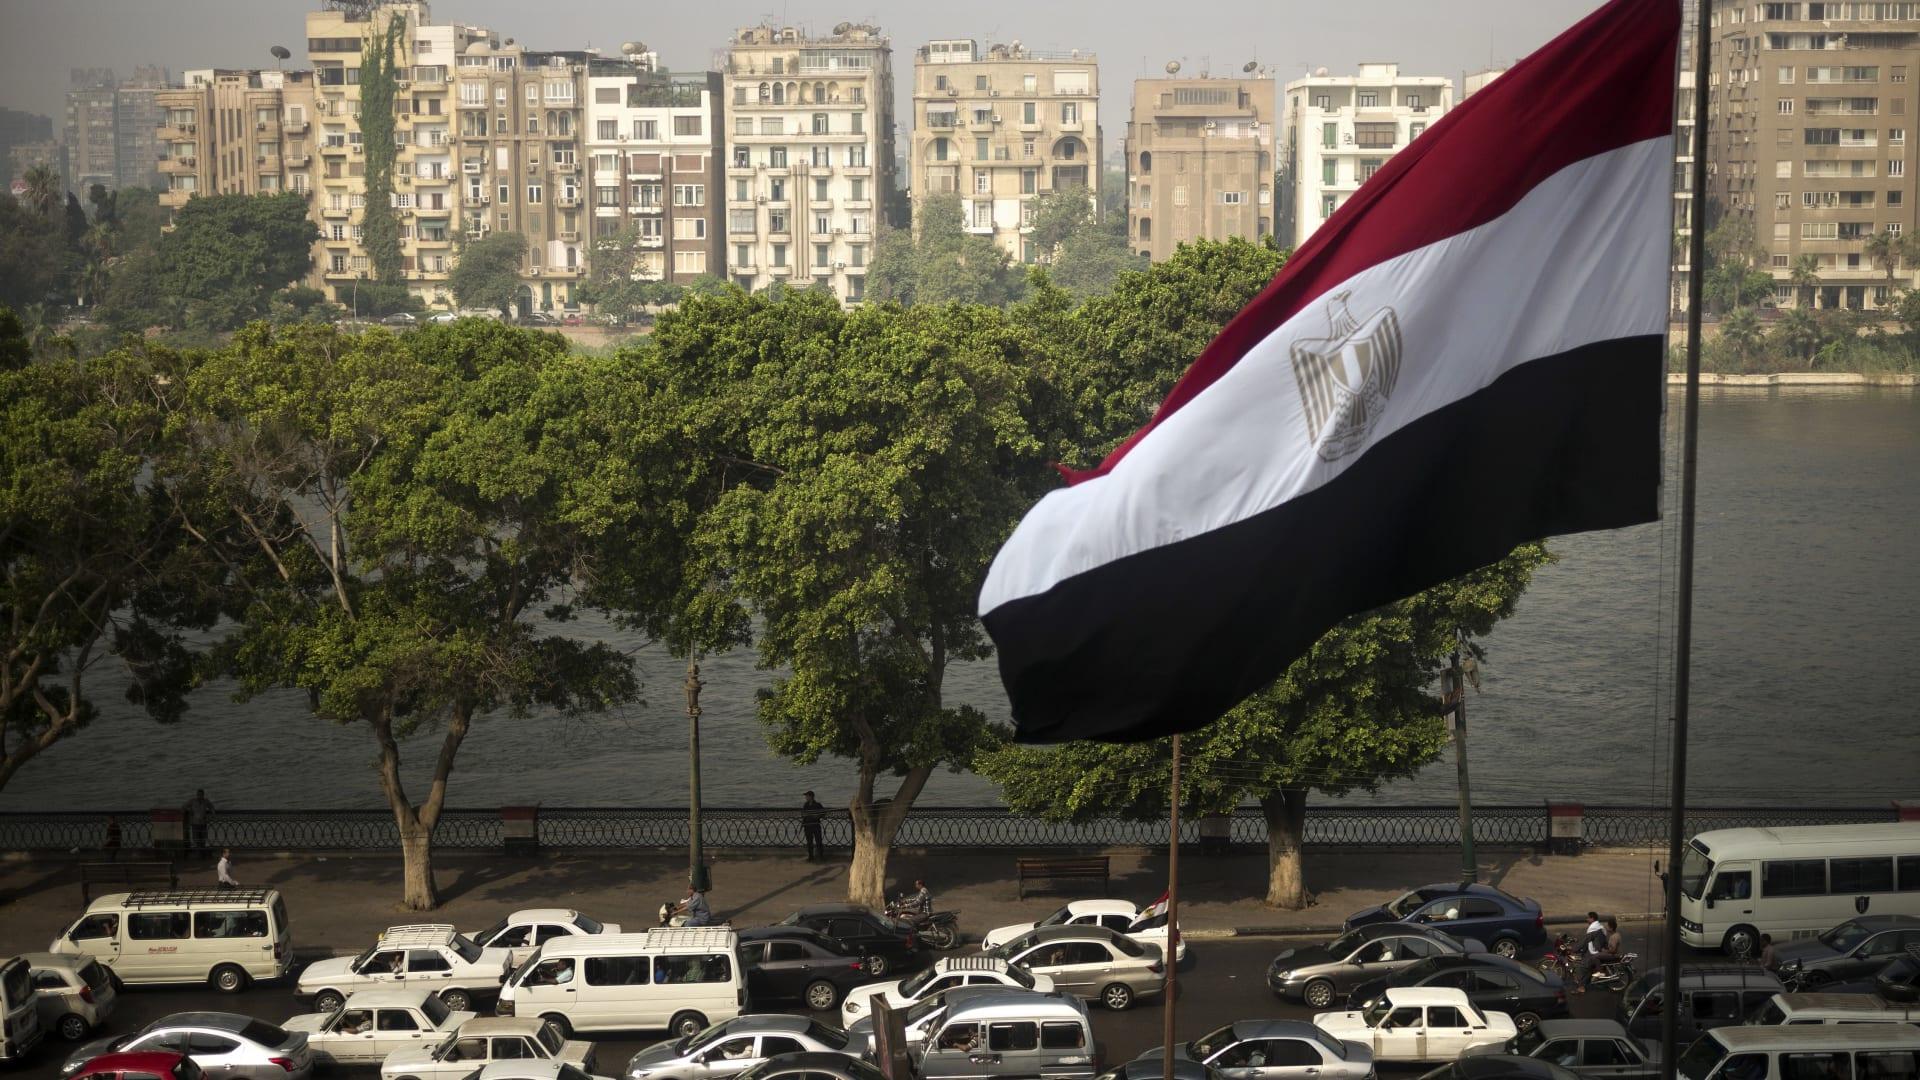 هكذا يمكنك قضاء إجازة صديقة للبيئة في مصر